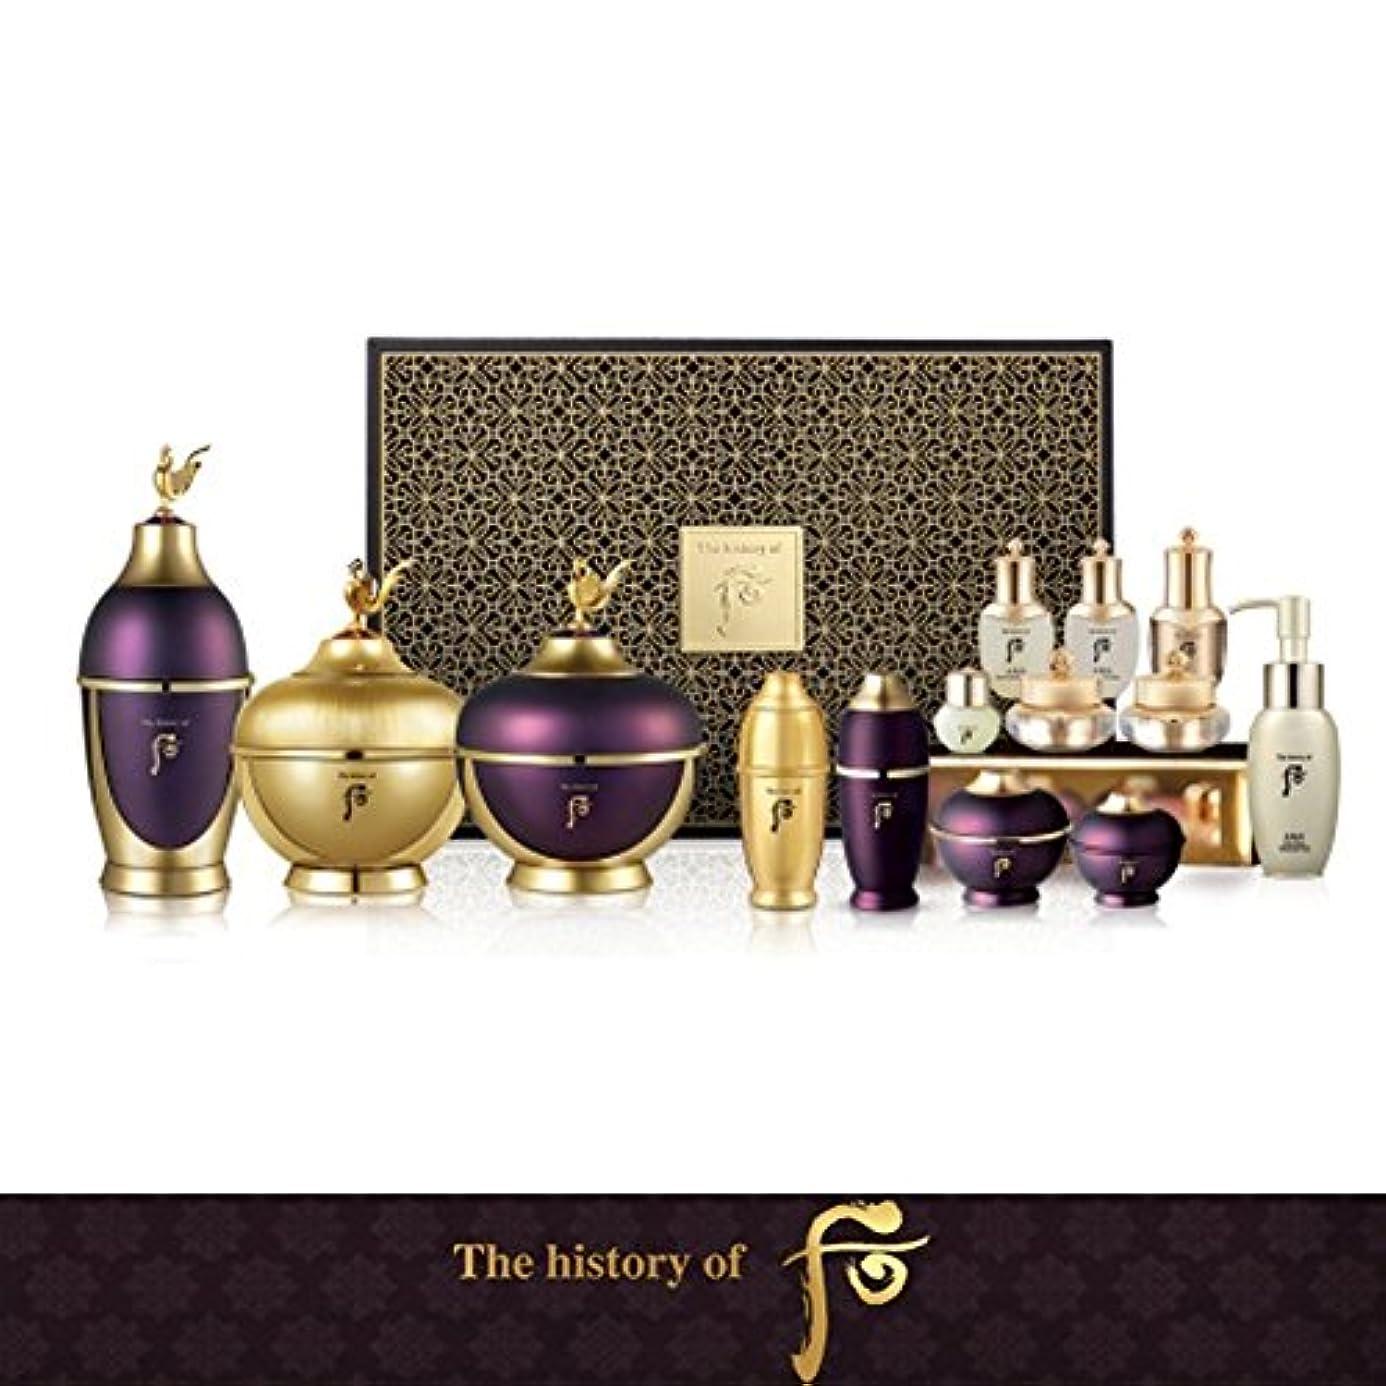 正しくハント蓄積する【フー/The history of whoo] Whoo后 Hwanyu Full Special Set/后(フー)后還幼(ファンユ)フルセット+[Sample Gift](海外直送品)